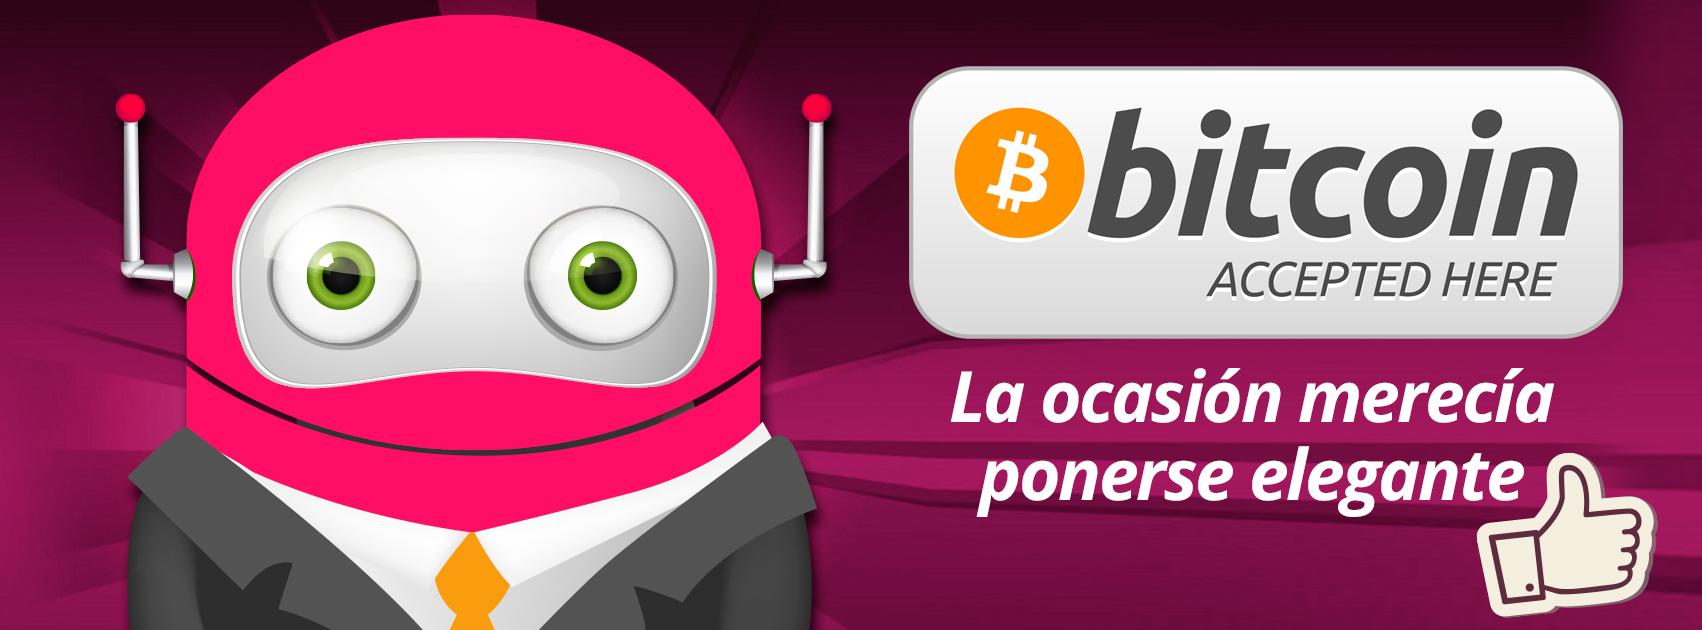 Aceptamos Bitcoin en SERSEO